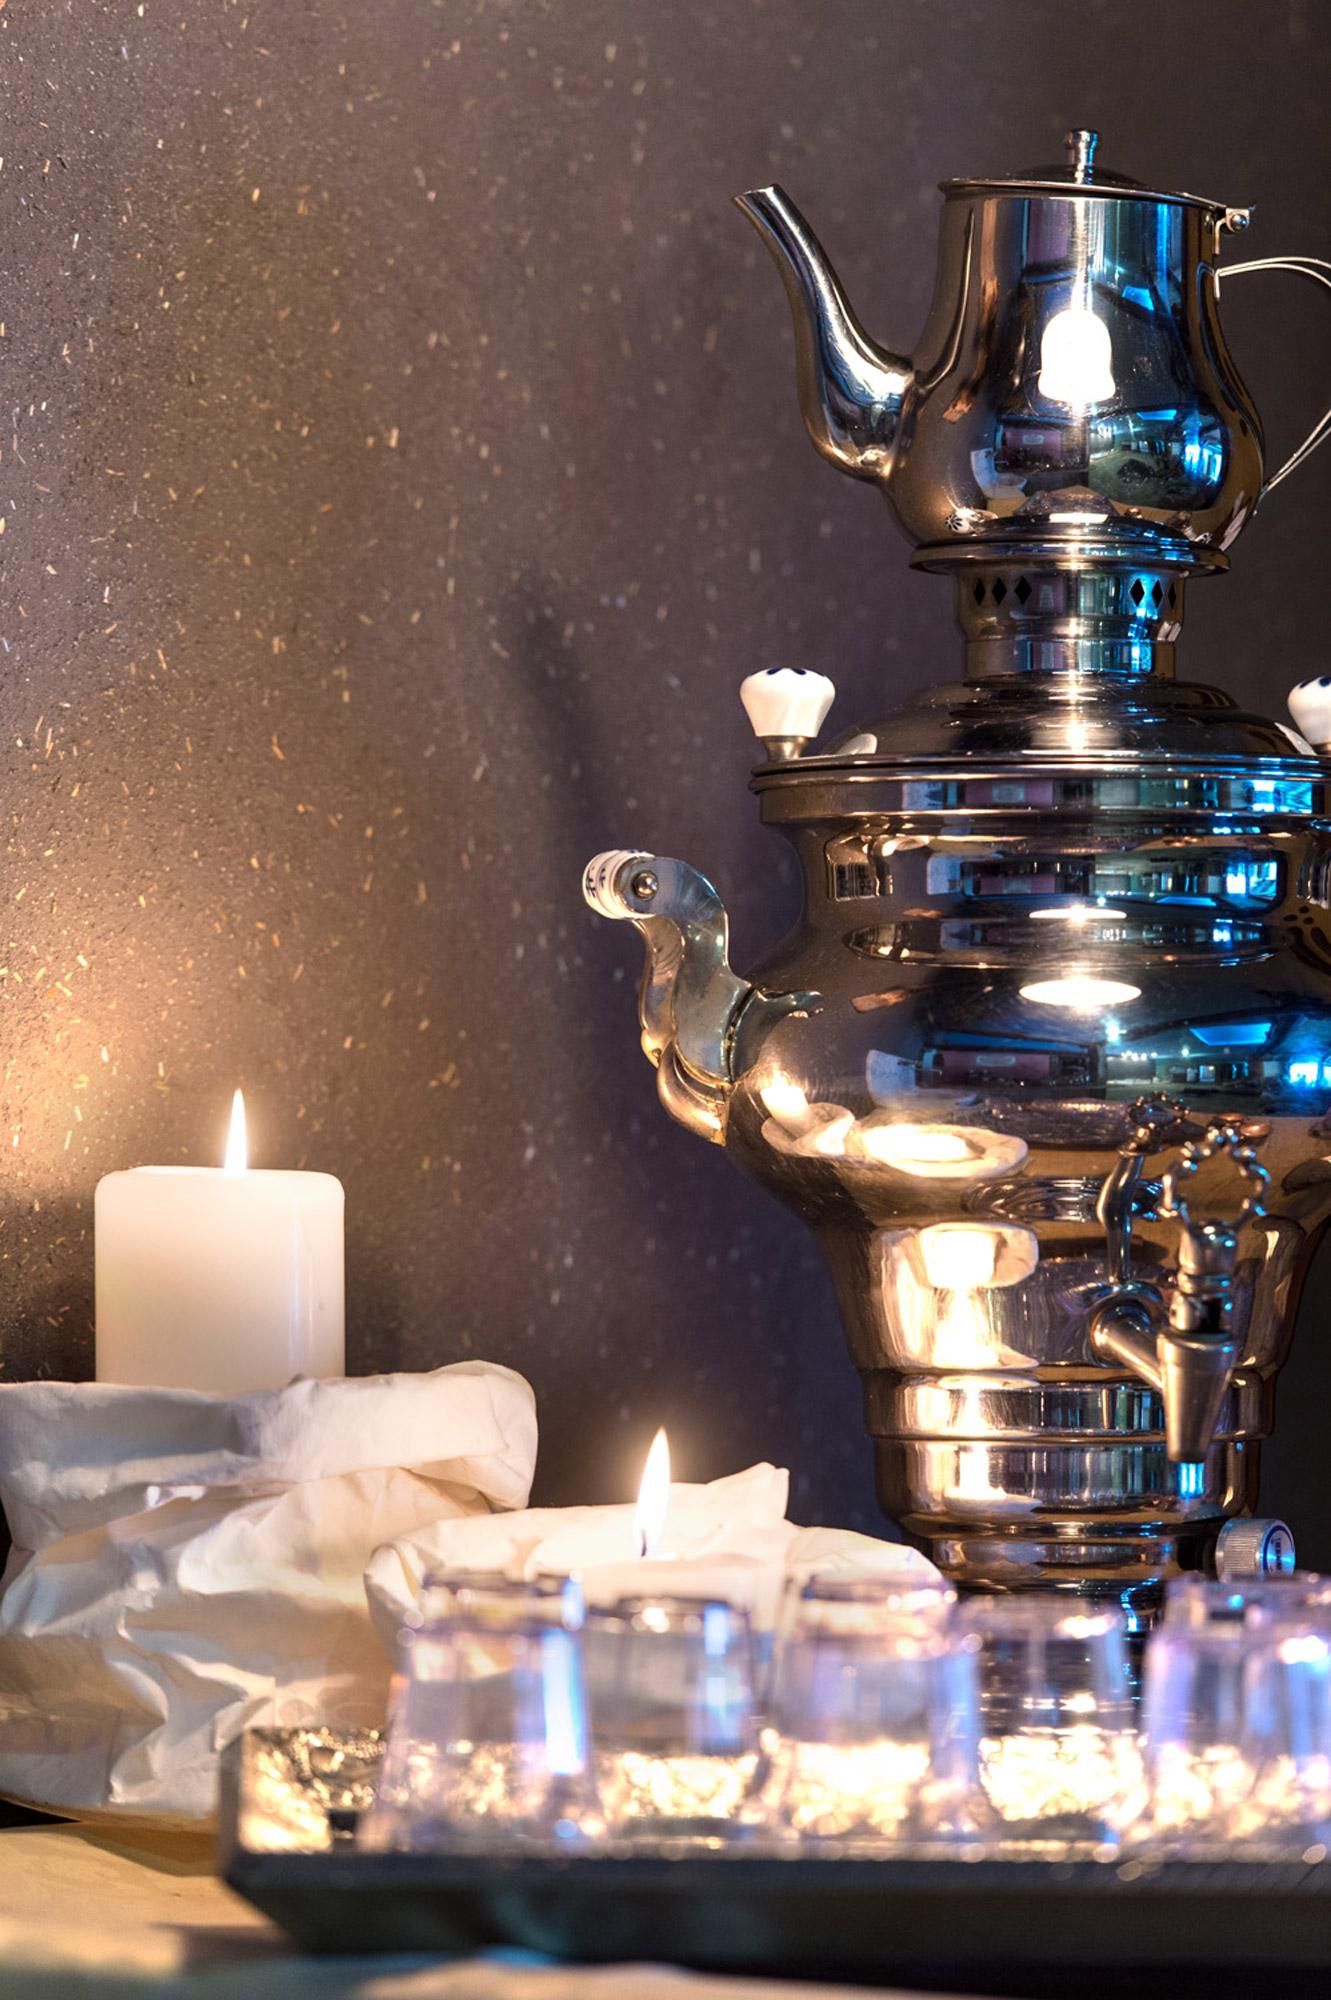 Plateau contenant des bougies romantiques &allumées et une théière traditionnelle